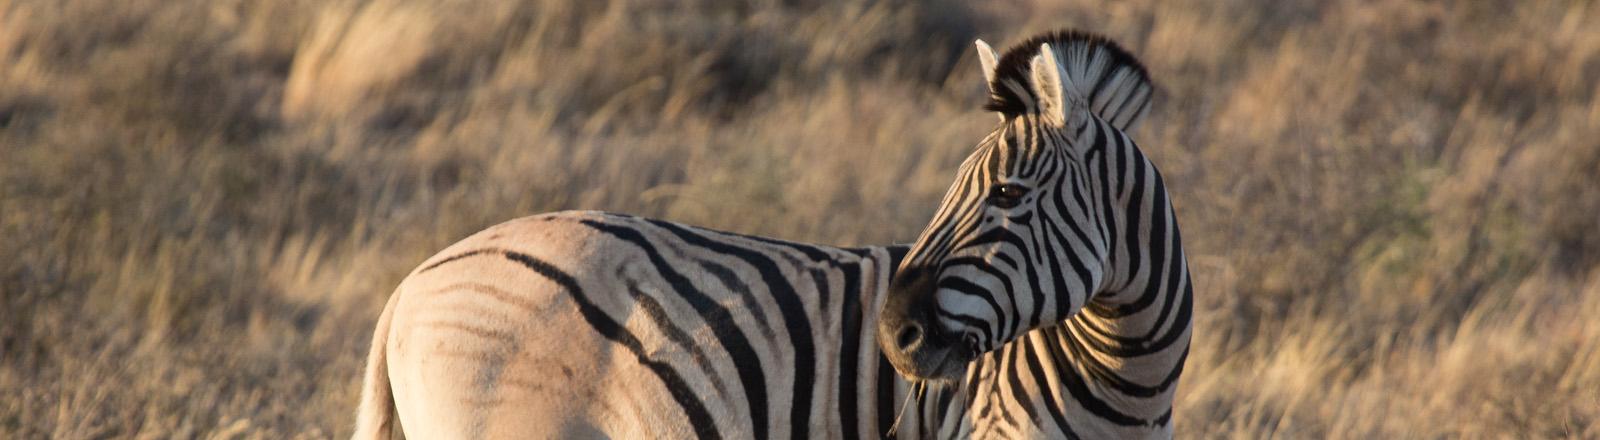 Quagga - ein Zebra mit weniger Streifen.